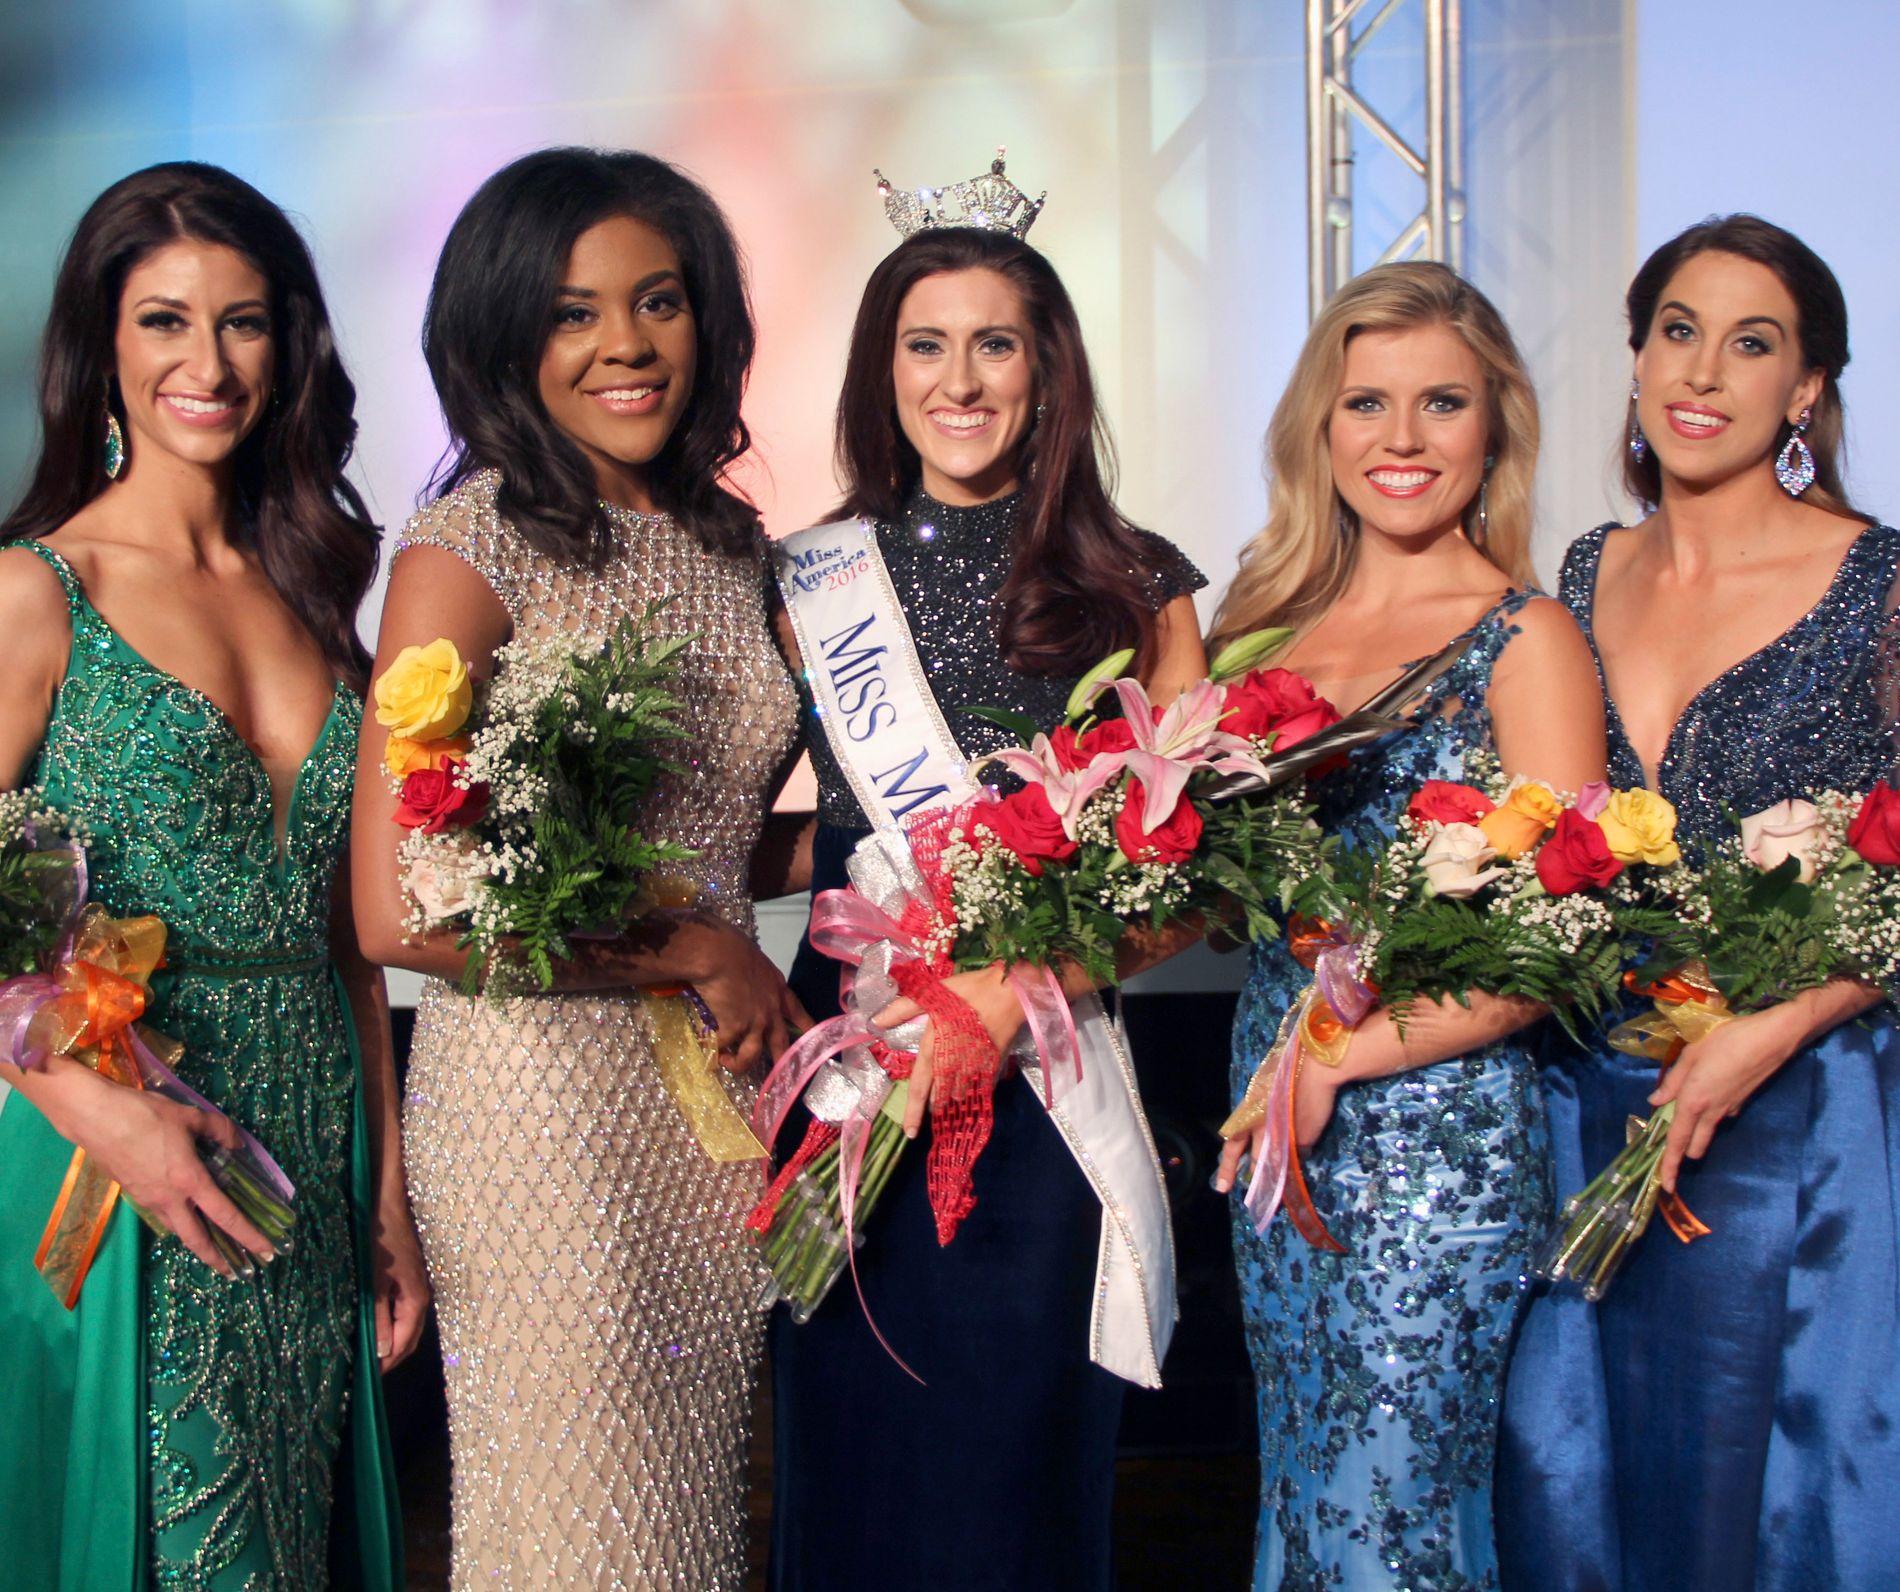 VANT: Miss Missouri, Erin O'Flaherty, omgitt av rivaler under Miss America-kåringen i juni.